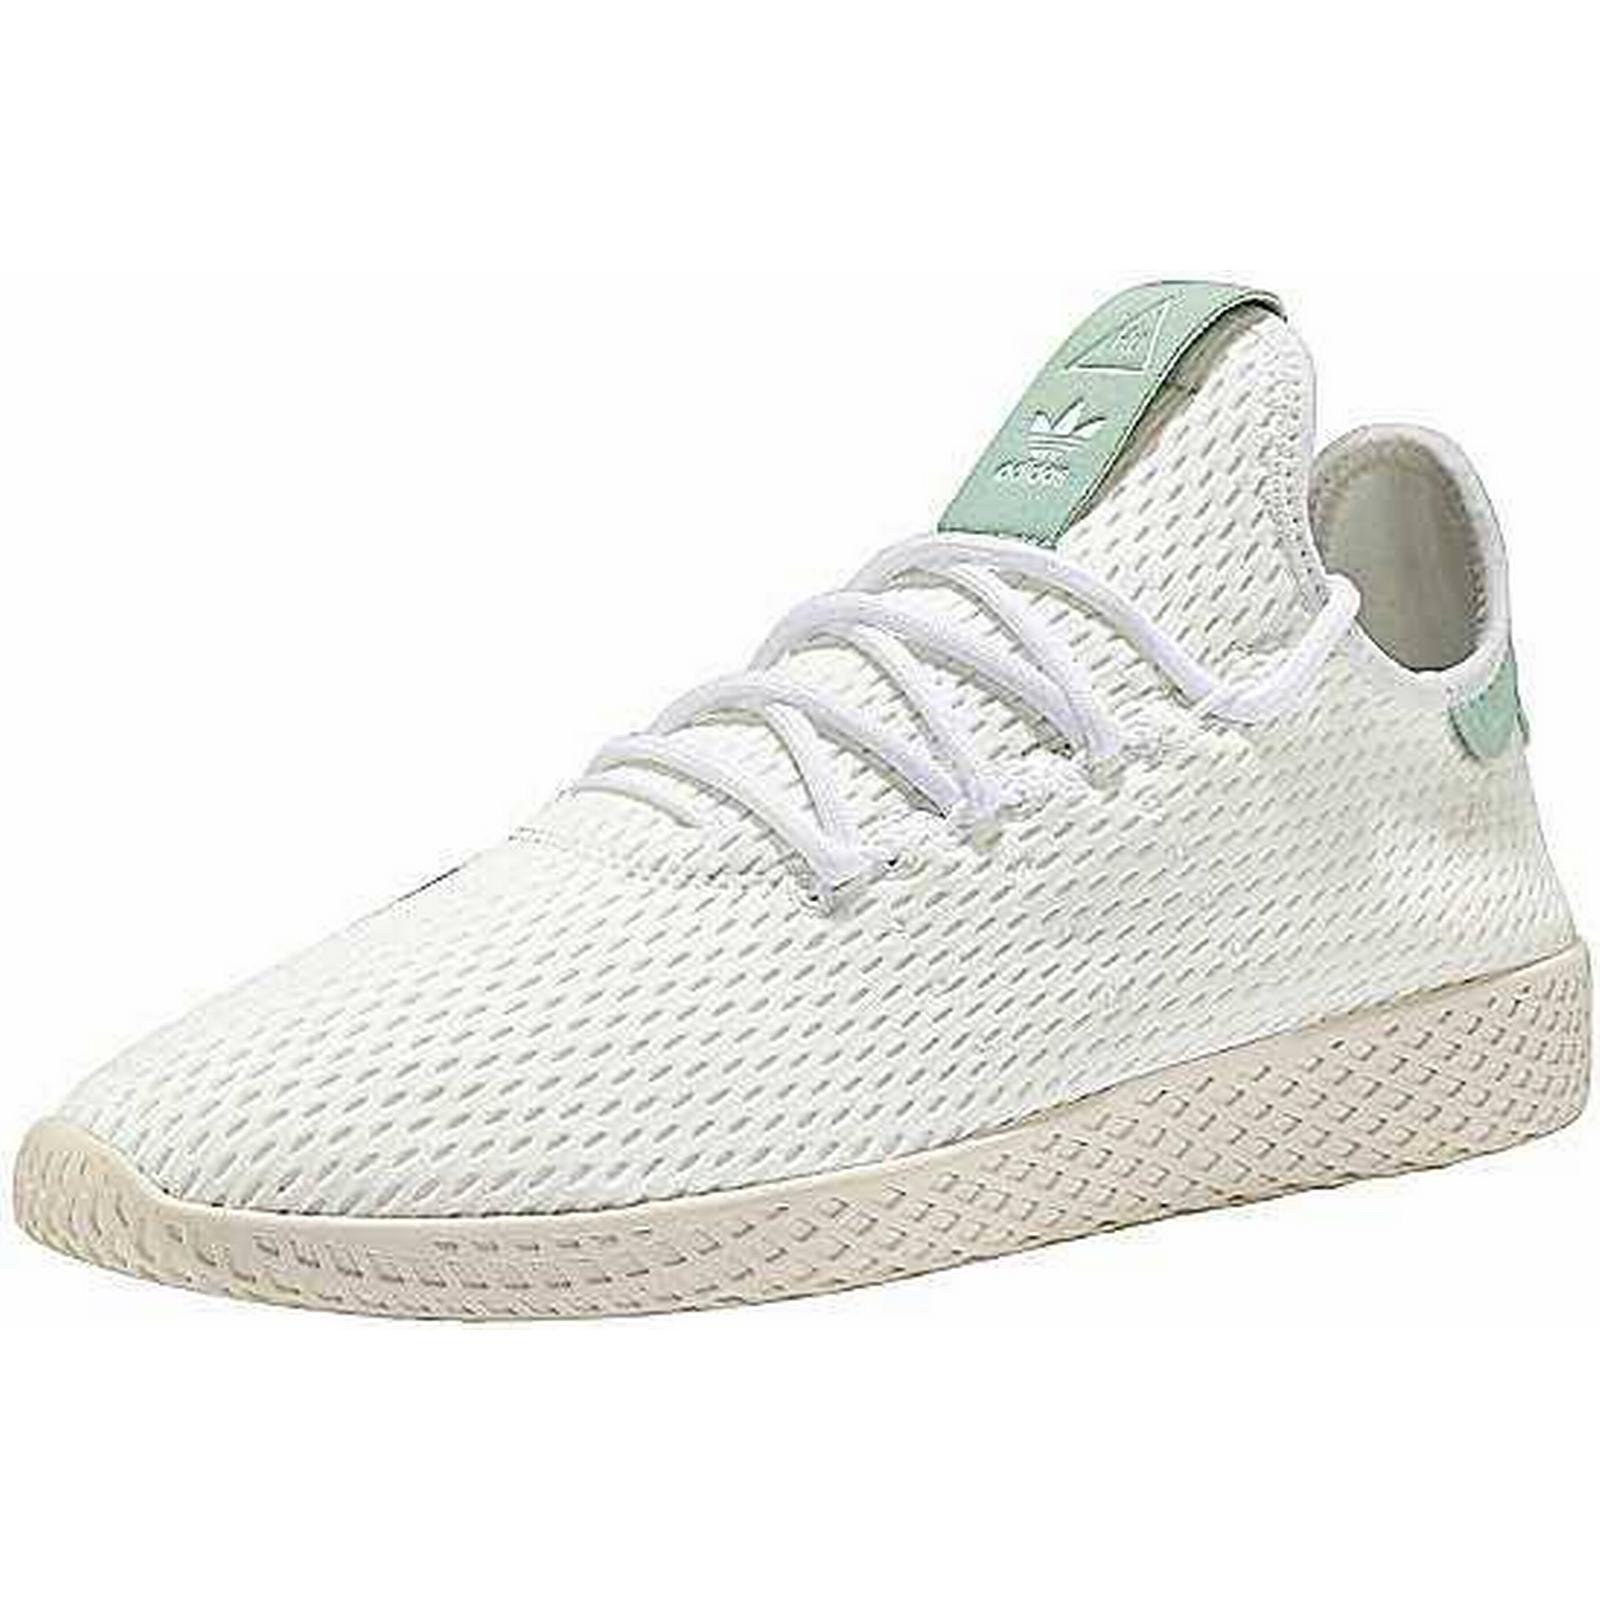 adidas originals et ; pharrell williams au tennis hu ; formateurs formateurs ; par adidas originals homme femme grande s 68e263